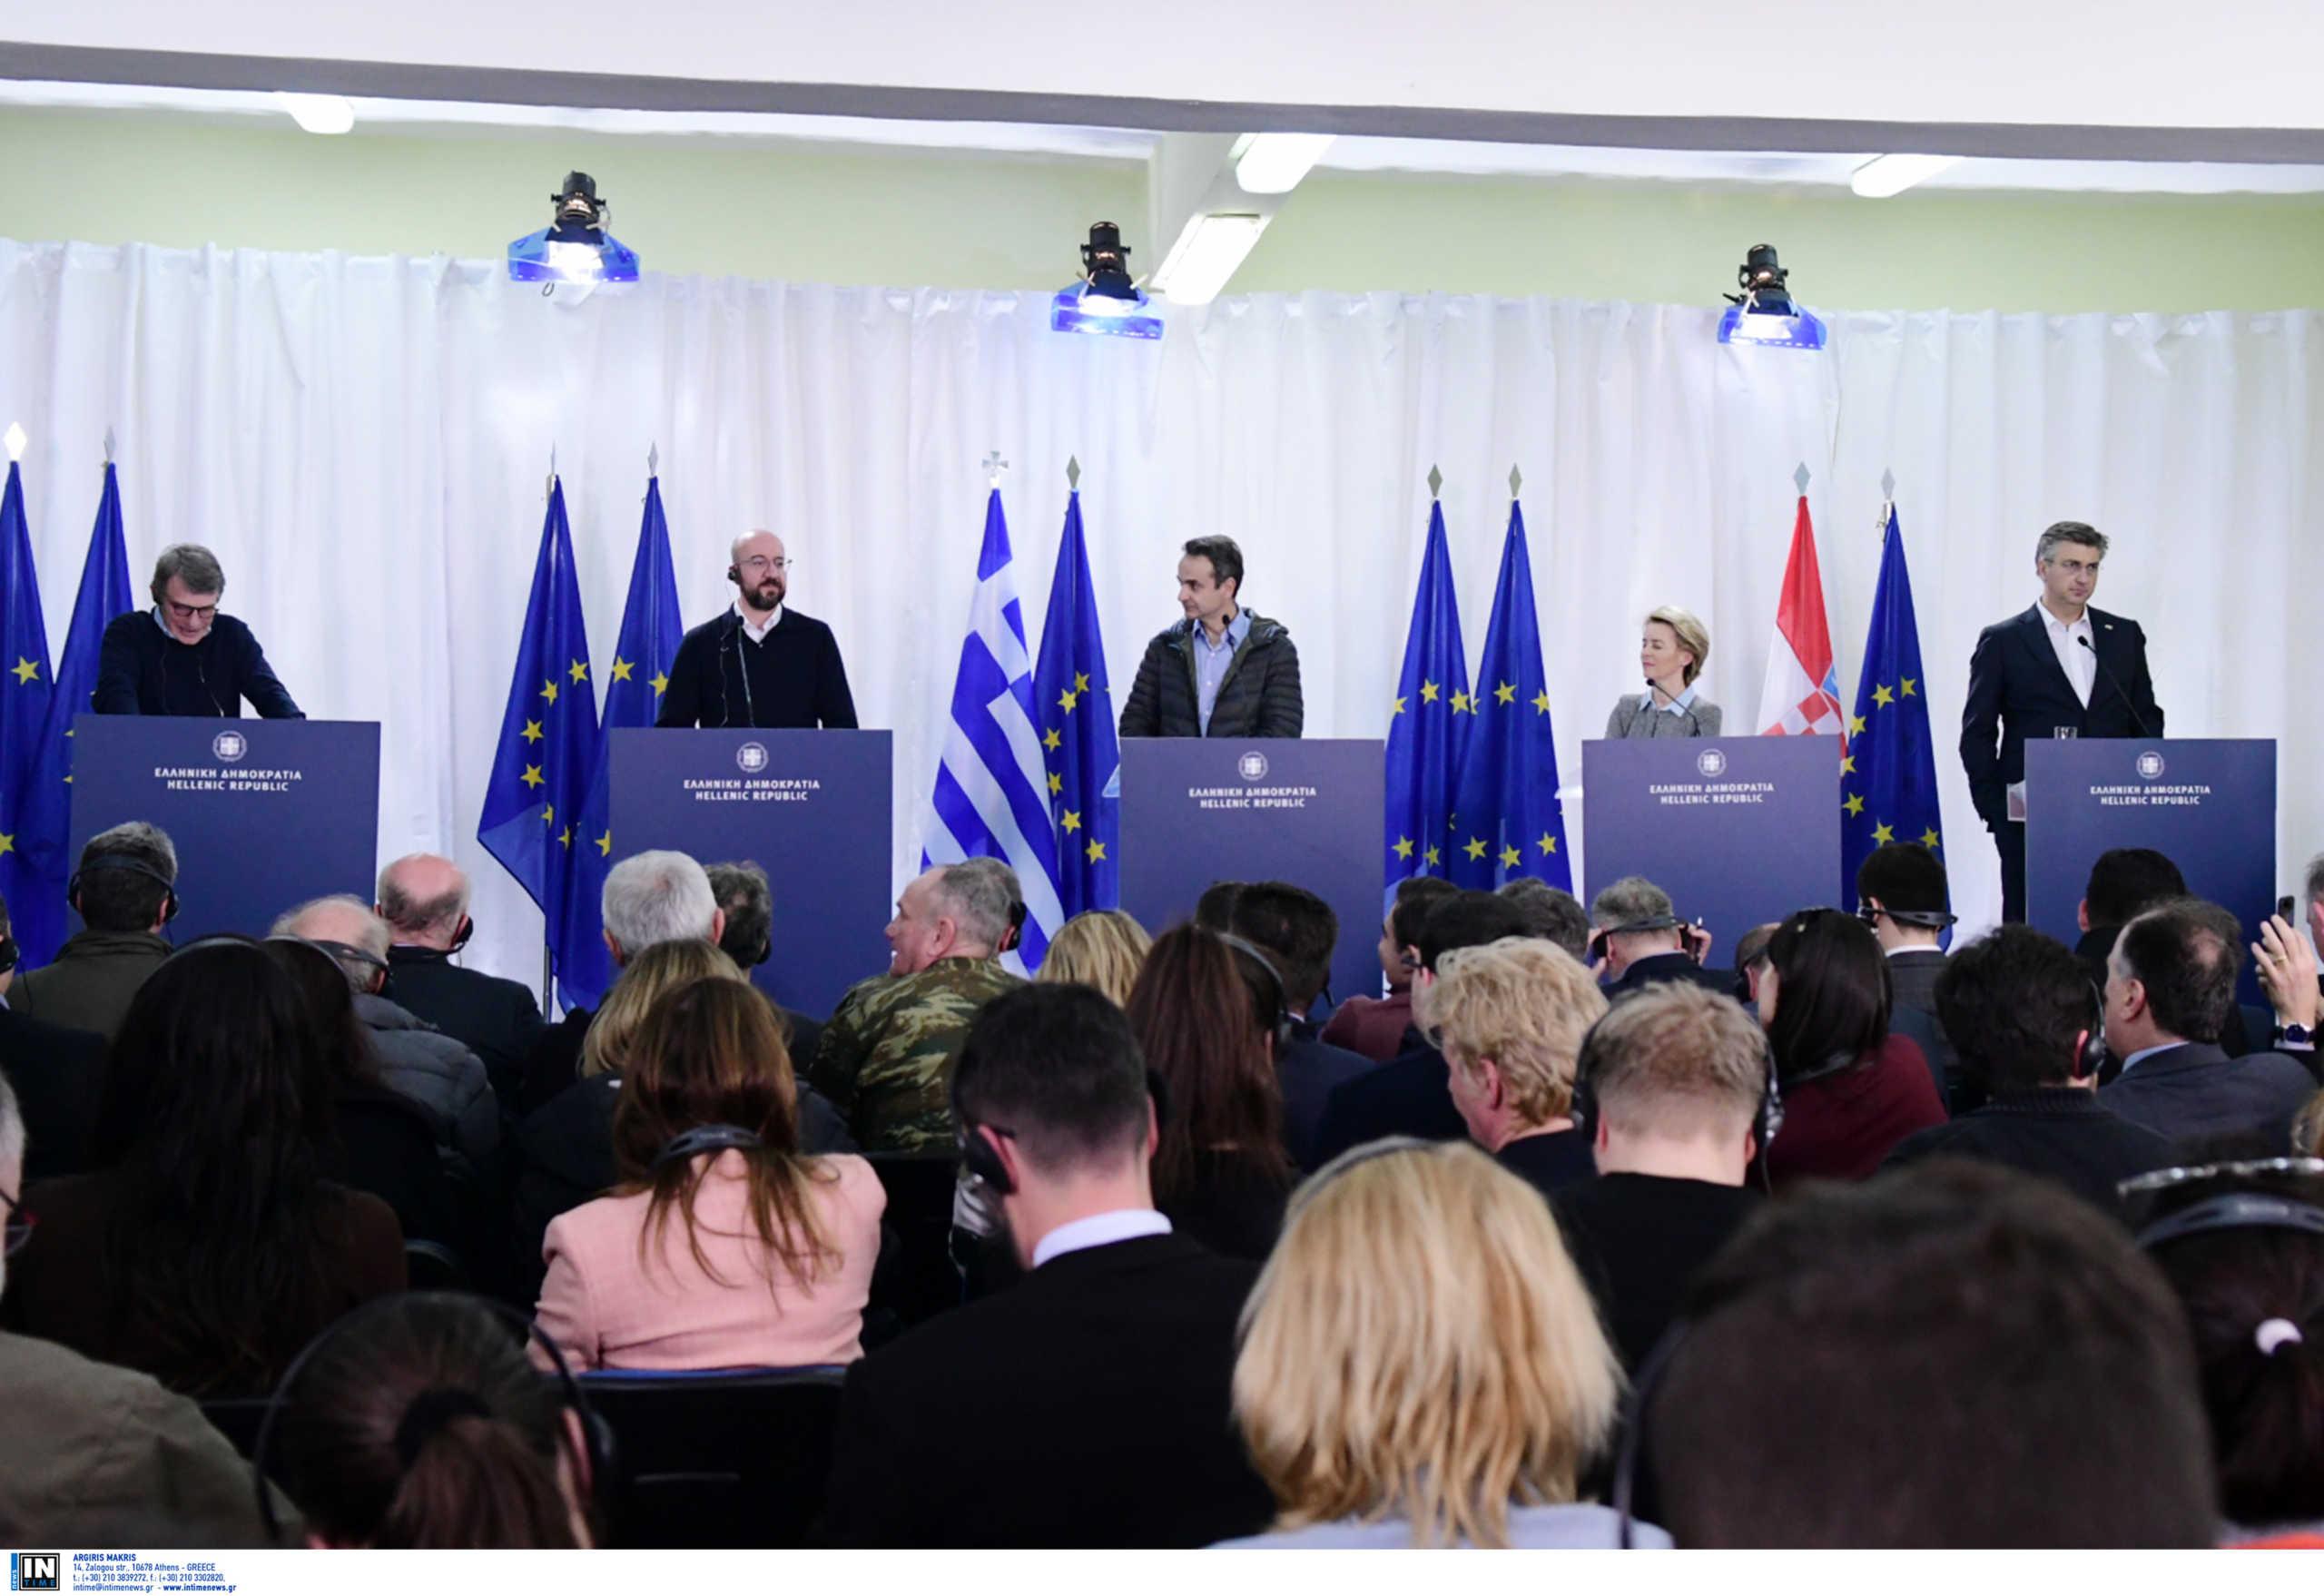 Ευρωπαϊκή Ένωση: Τα πρώτα μέτρα για την ενίσχυση φύλαξης των συνόρων στην Ελλάδα